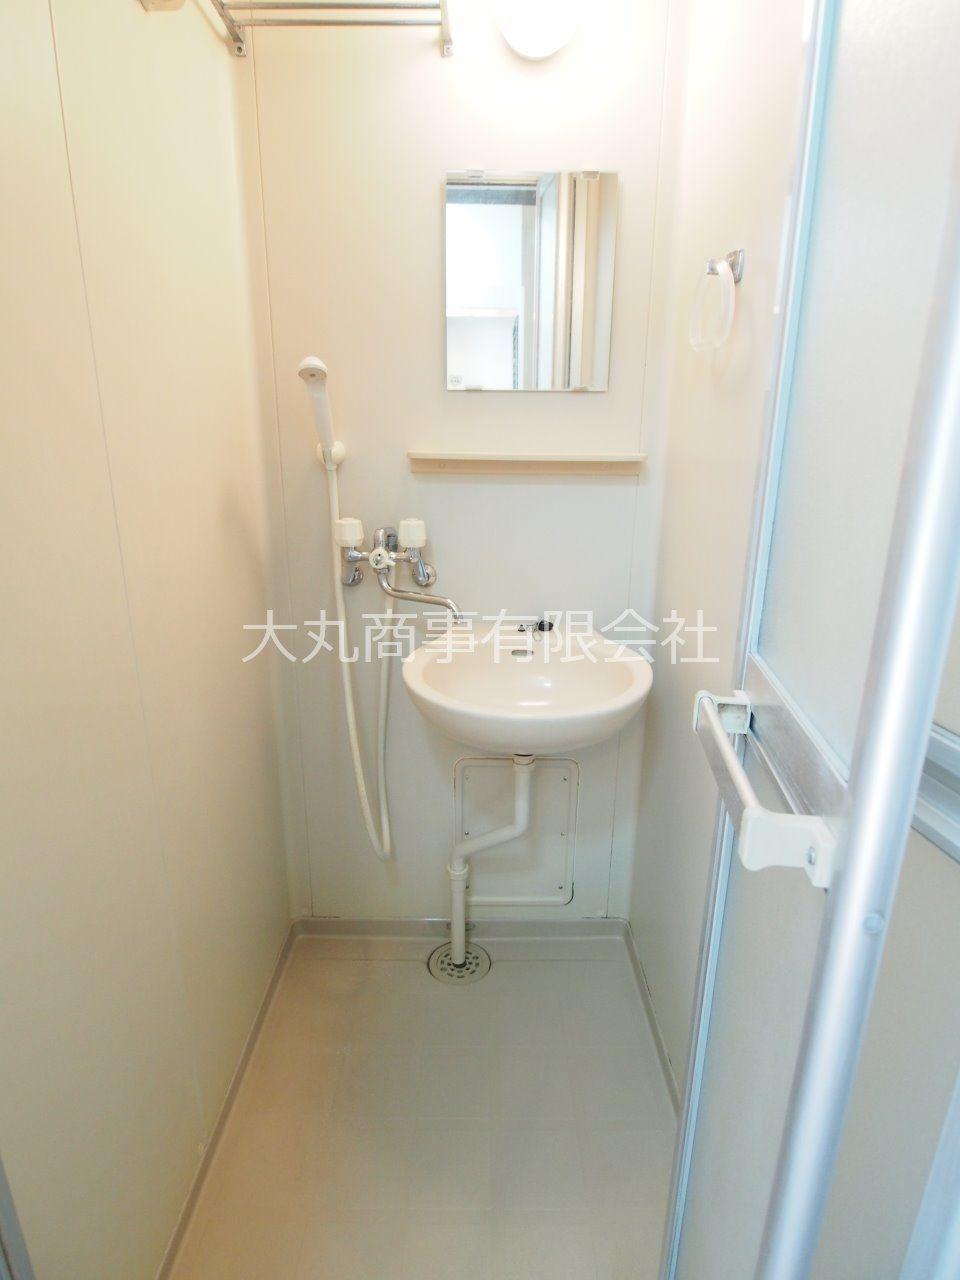 洗面台付のシャワールーム